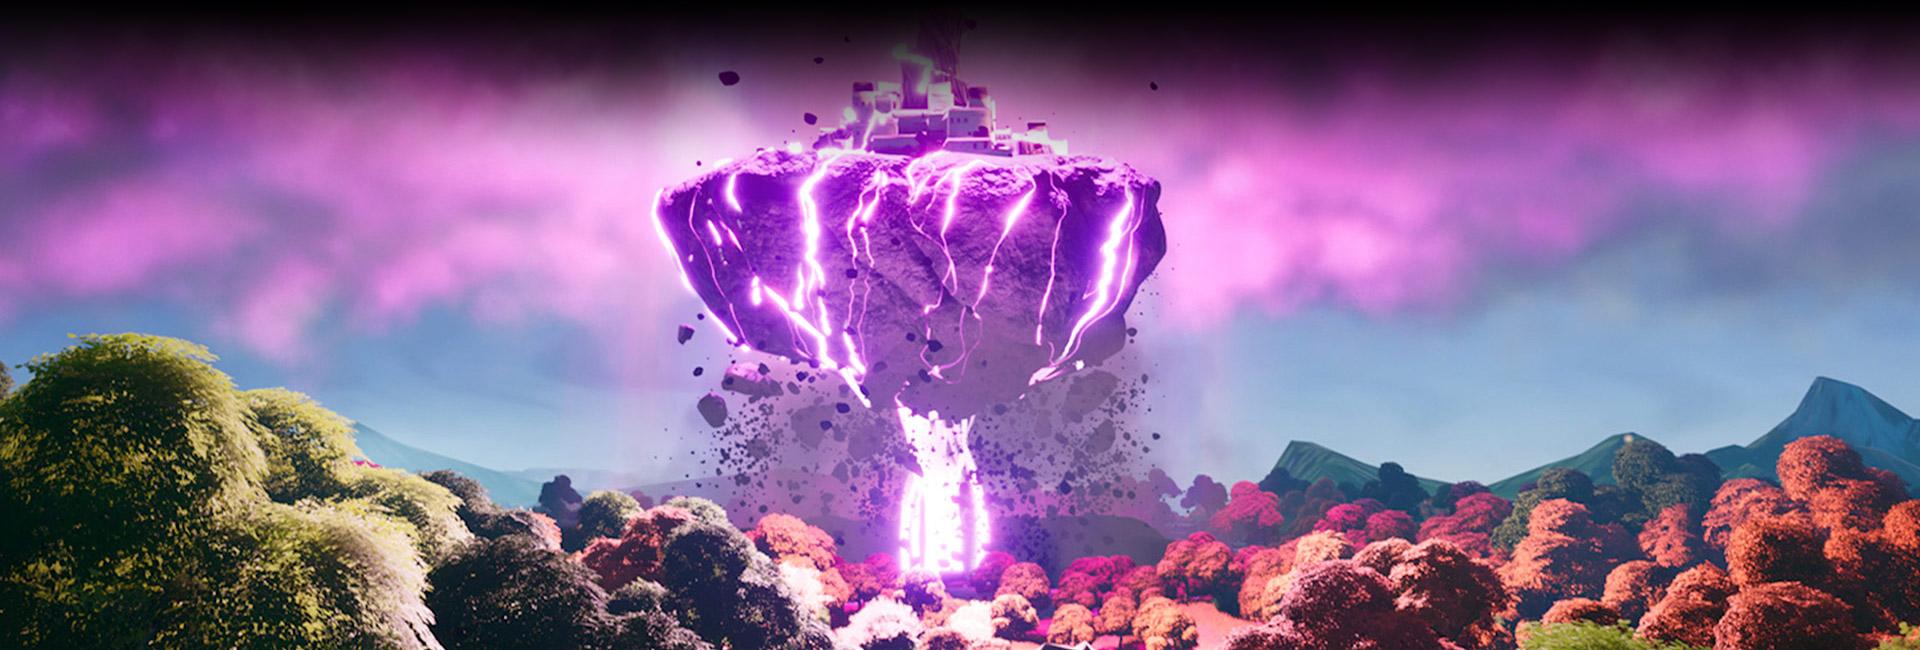 Uma cidade no topo de um pedregulho gigante eleva-se no ar cercada por um raio de tração rosa brilhante.